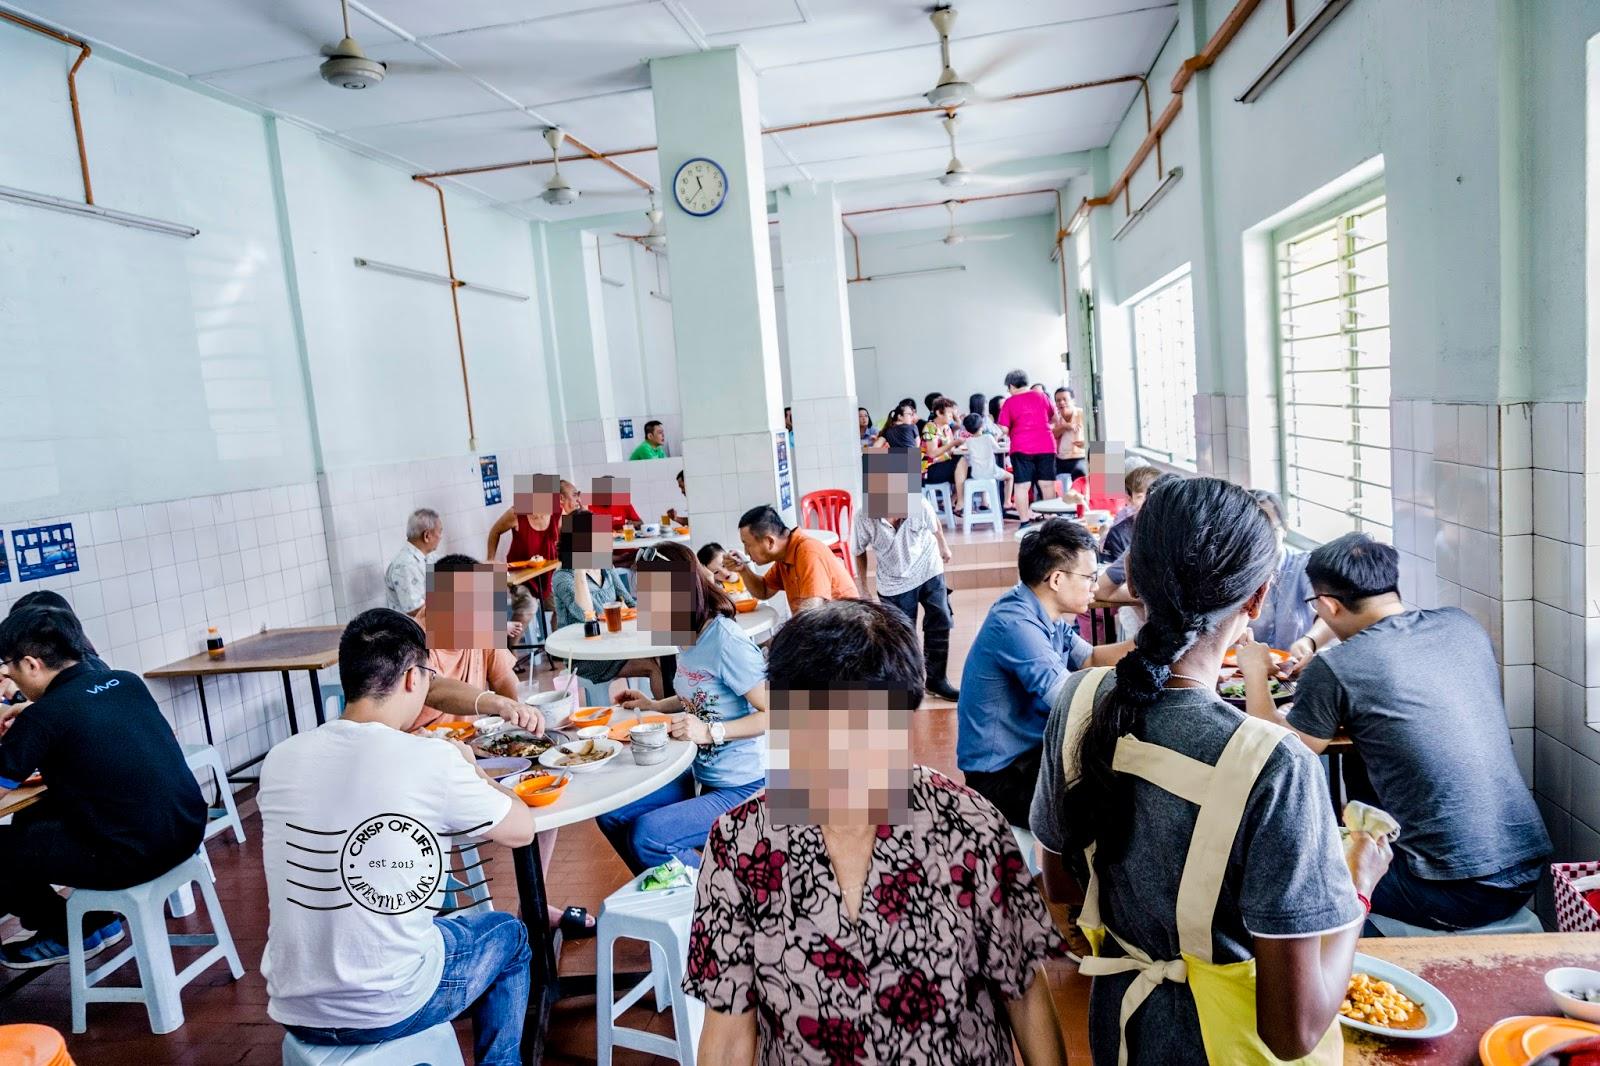 Sin Yik Wah Restaurant 传统自家制烧肠新益华餐厅